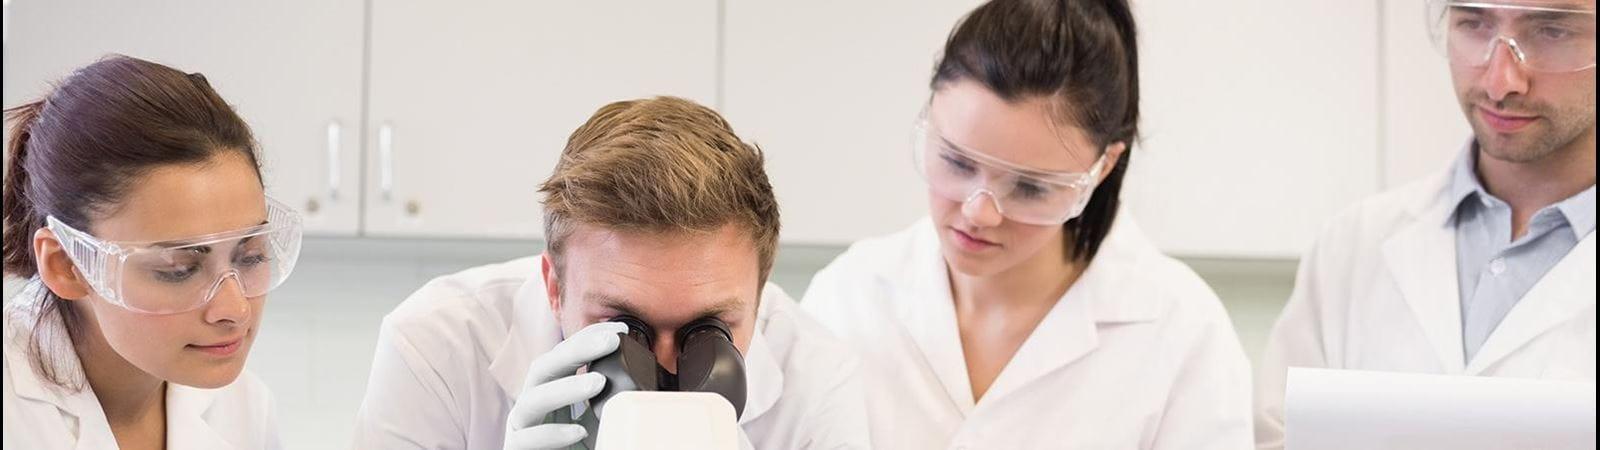 unga forskare